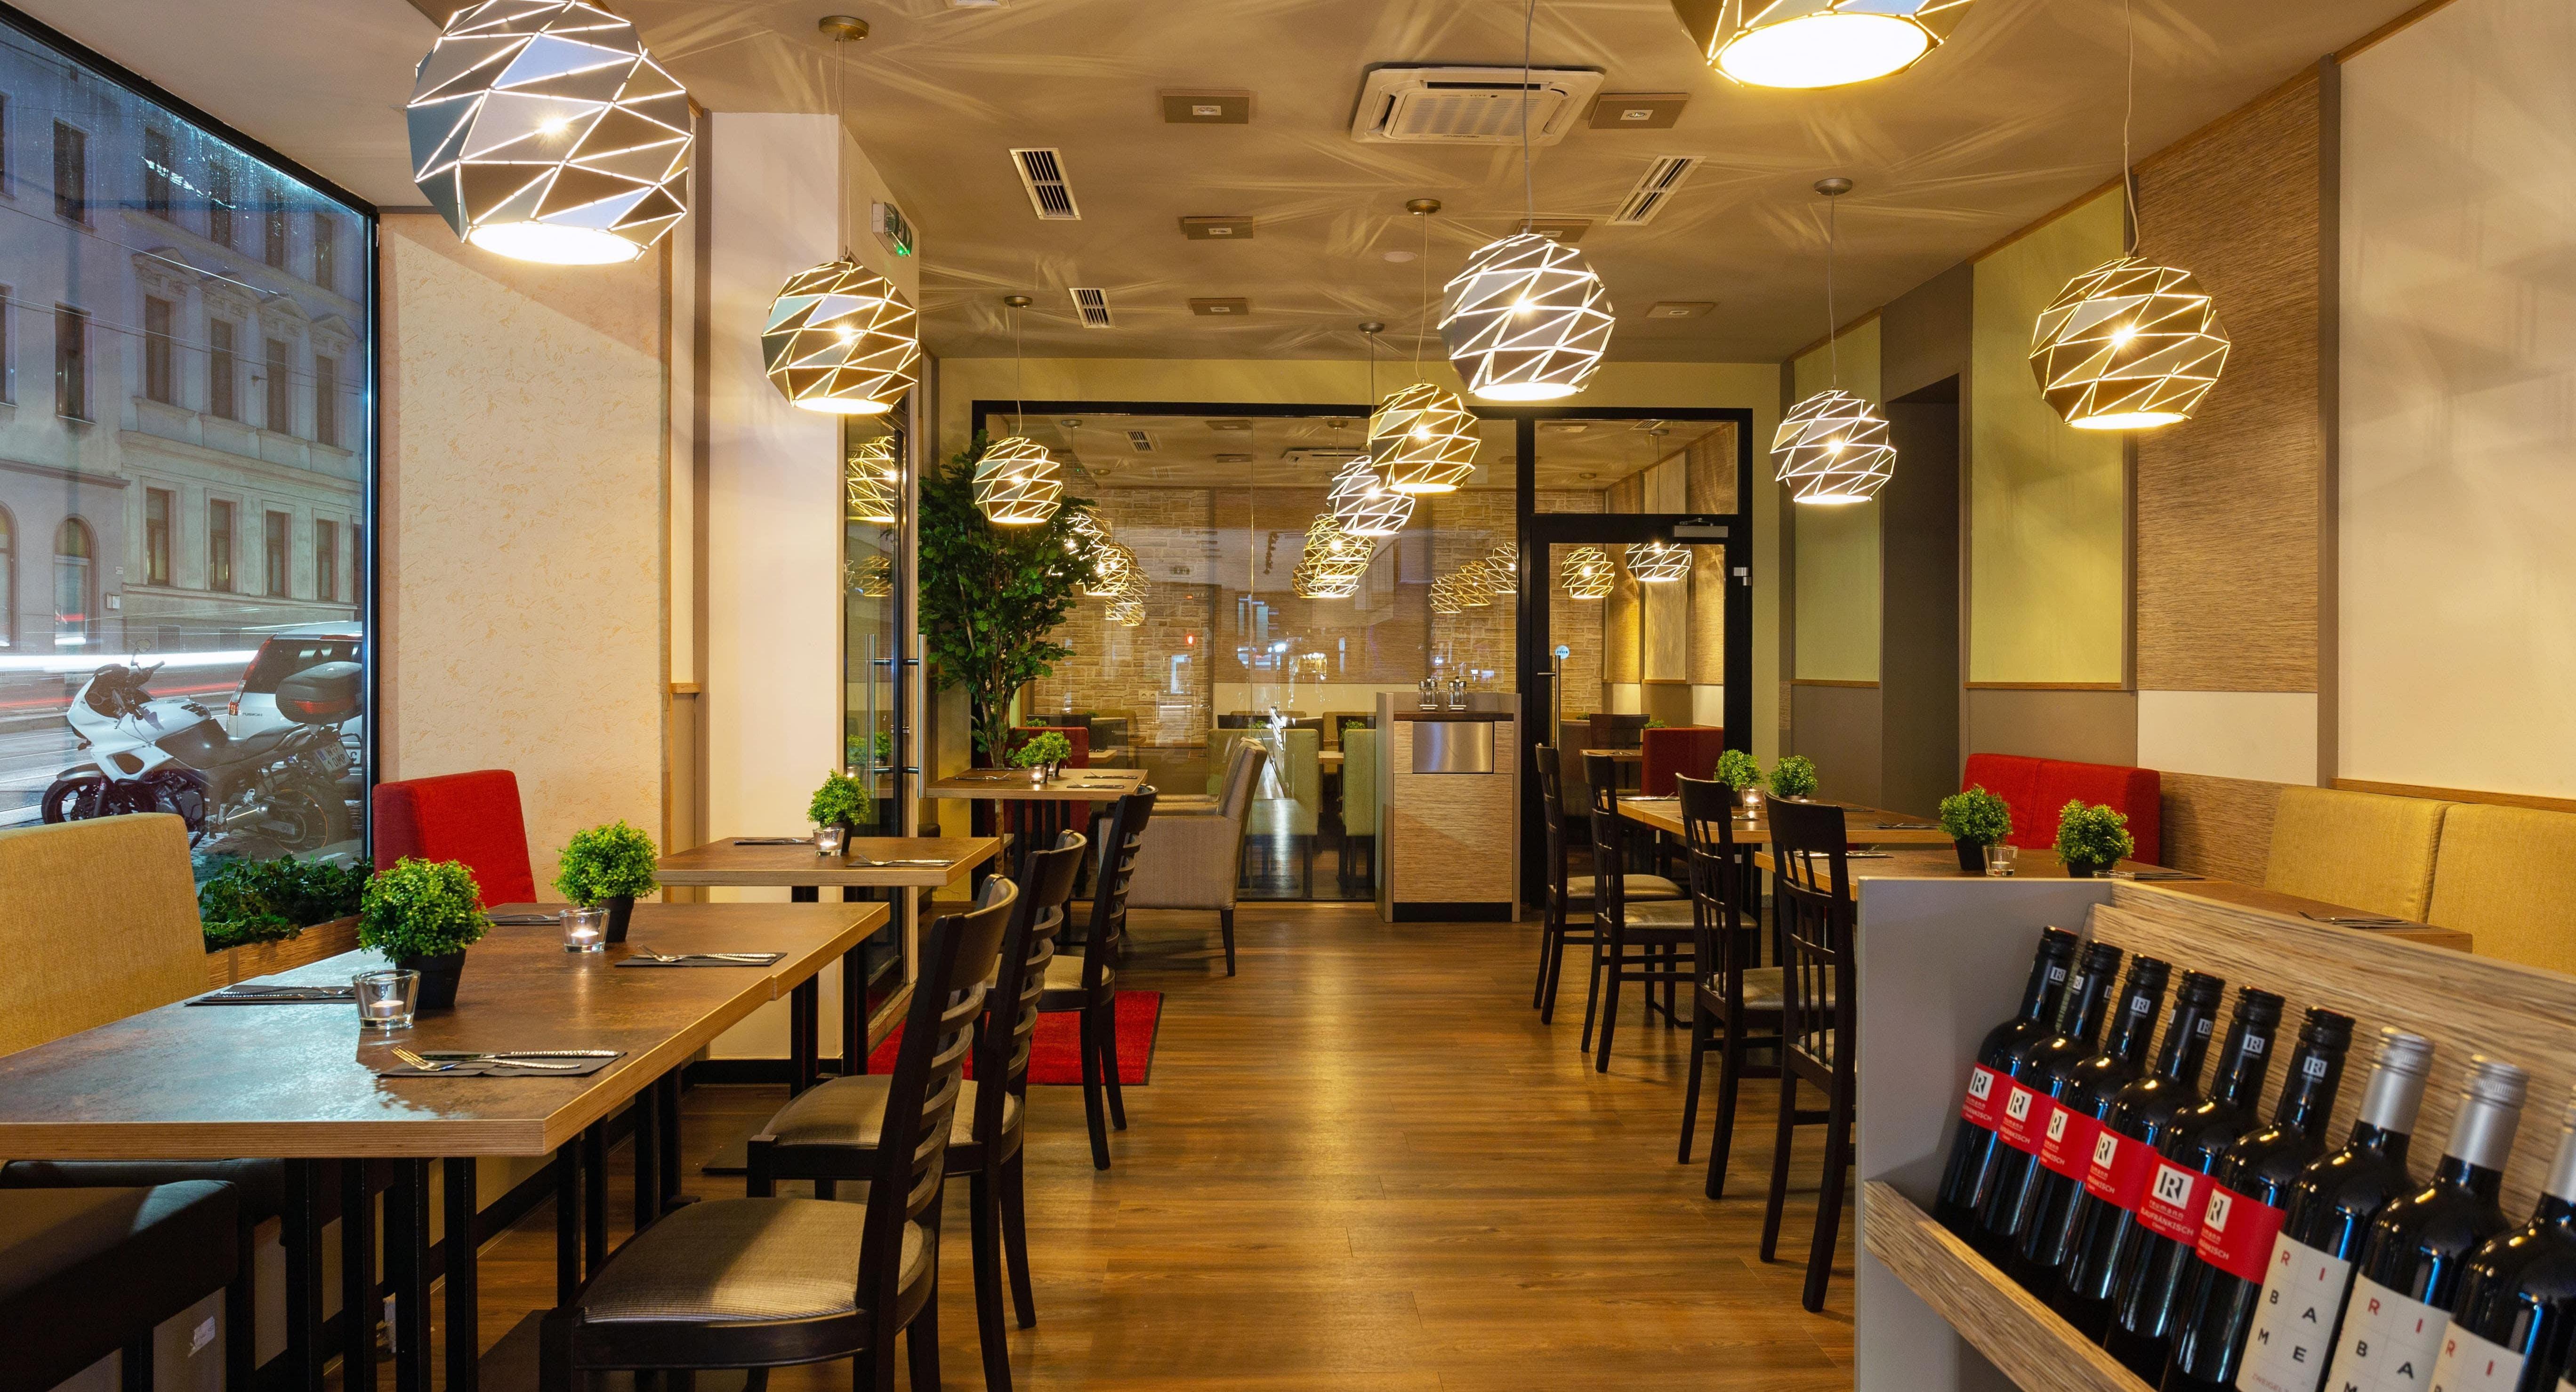 Duru Cafe Restaurant Wien image 3